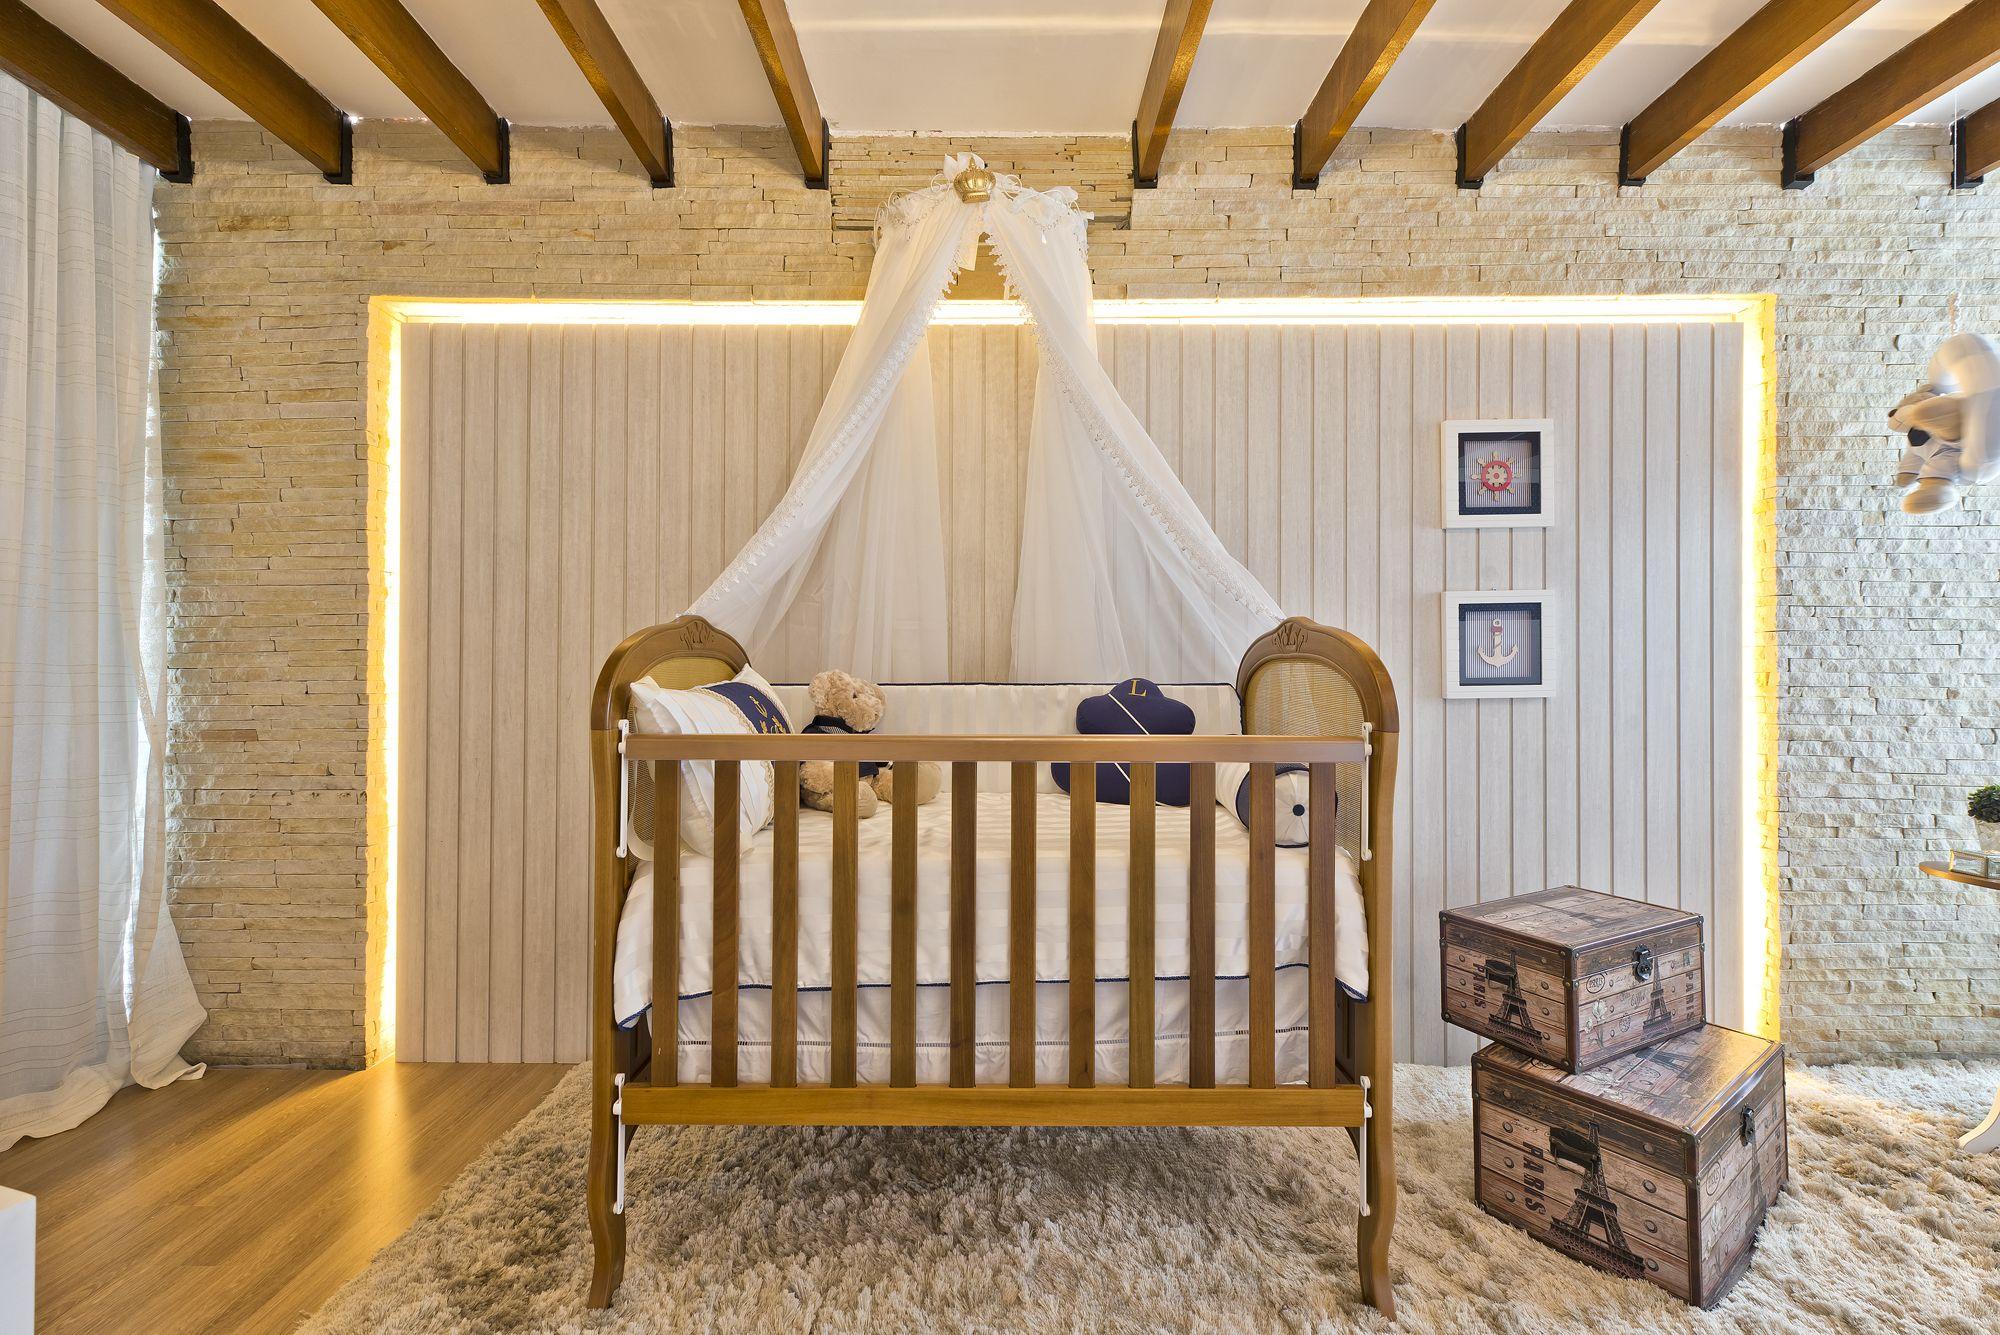 Quarto De Beb Menino Projetado Pela Arquiteta Keyla Kinder Com  ~ Quarto De Bebe Menino Moderno E Móveis De Quarto De Bebe